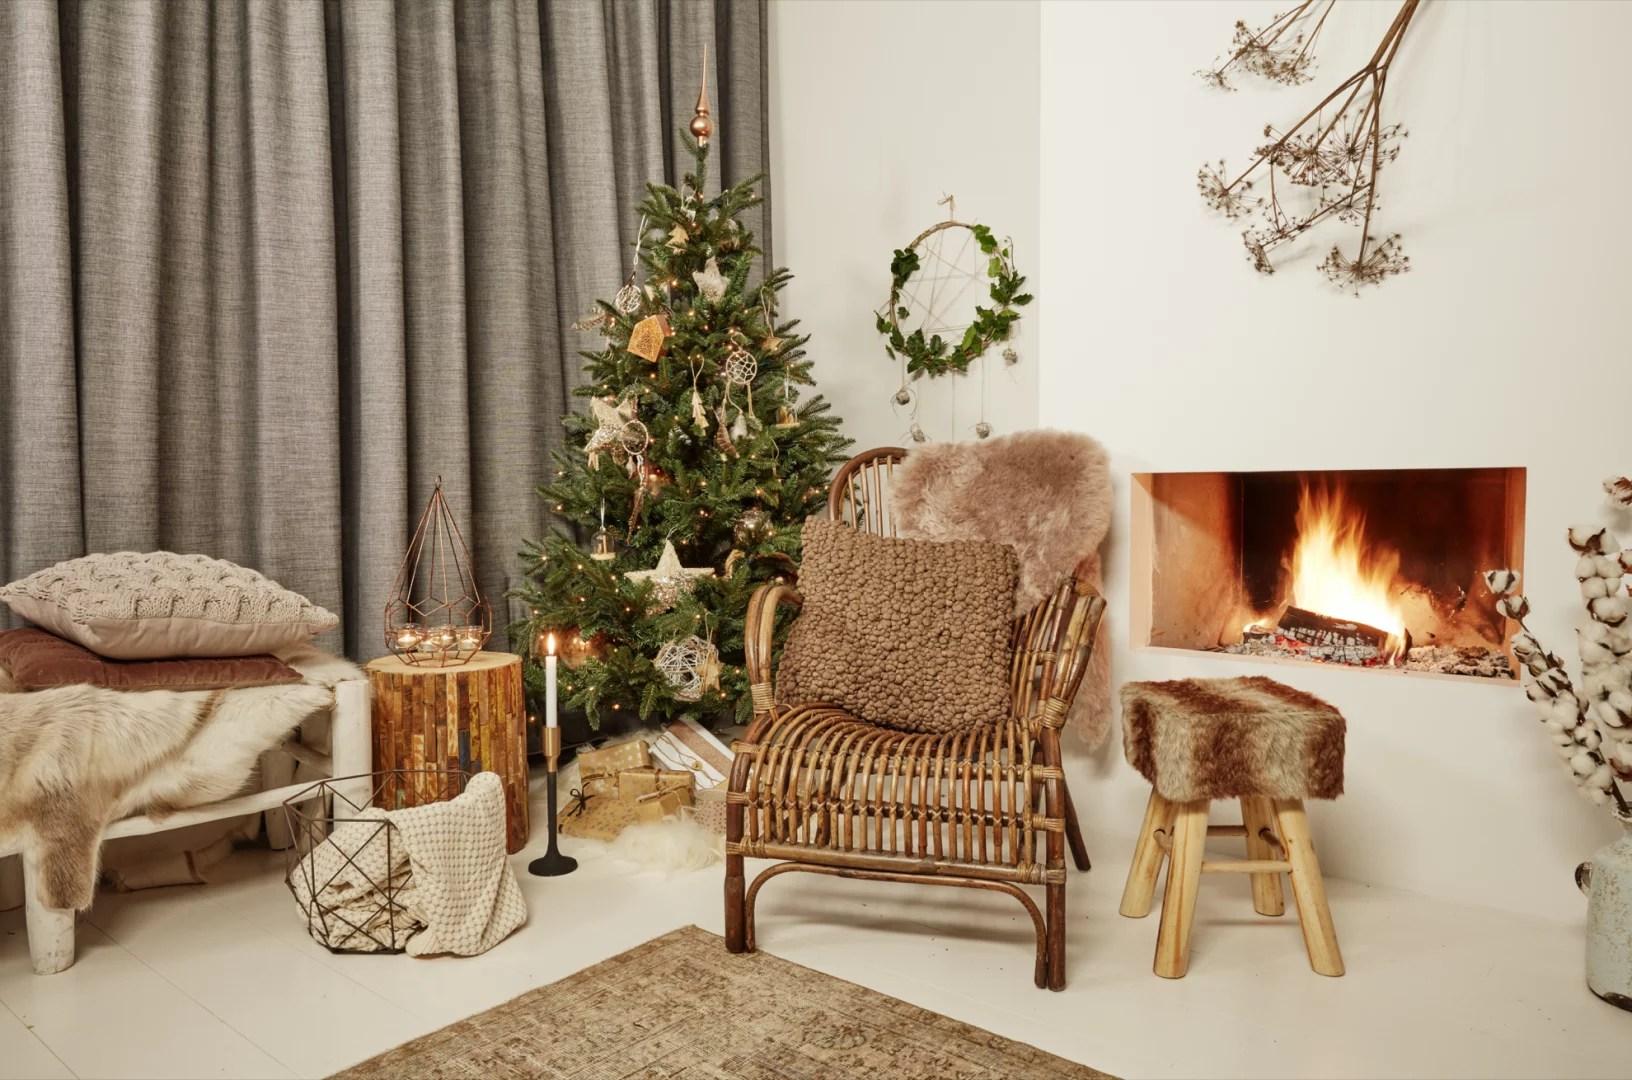 Feestdagen Natuurlijke Kerstdecoratie : Feestdagen kersttrends natuurlijk kerstfeest thuisblijf kerst